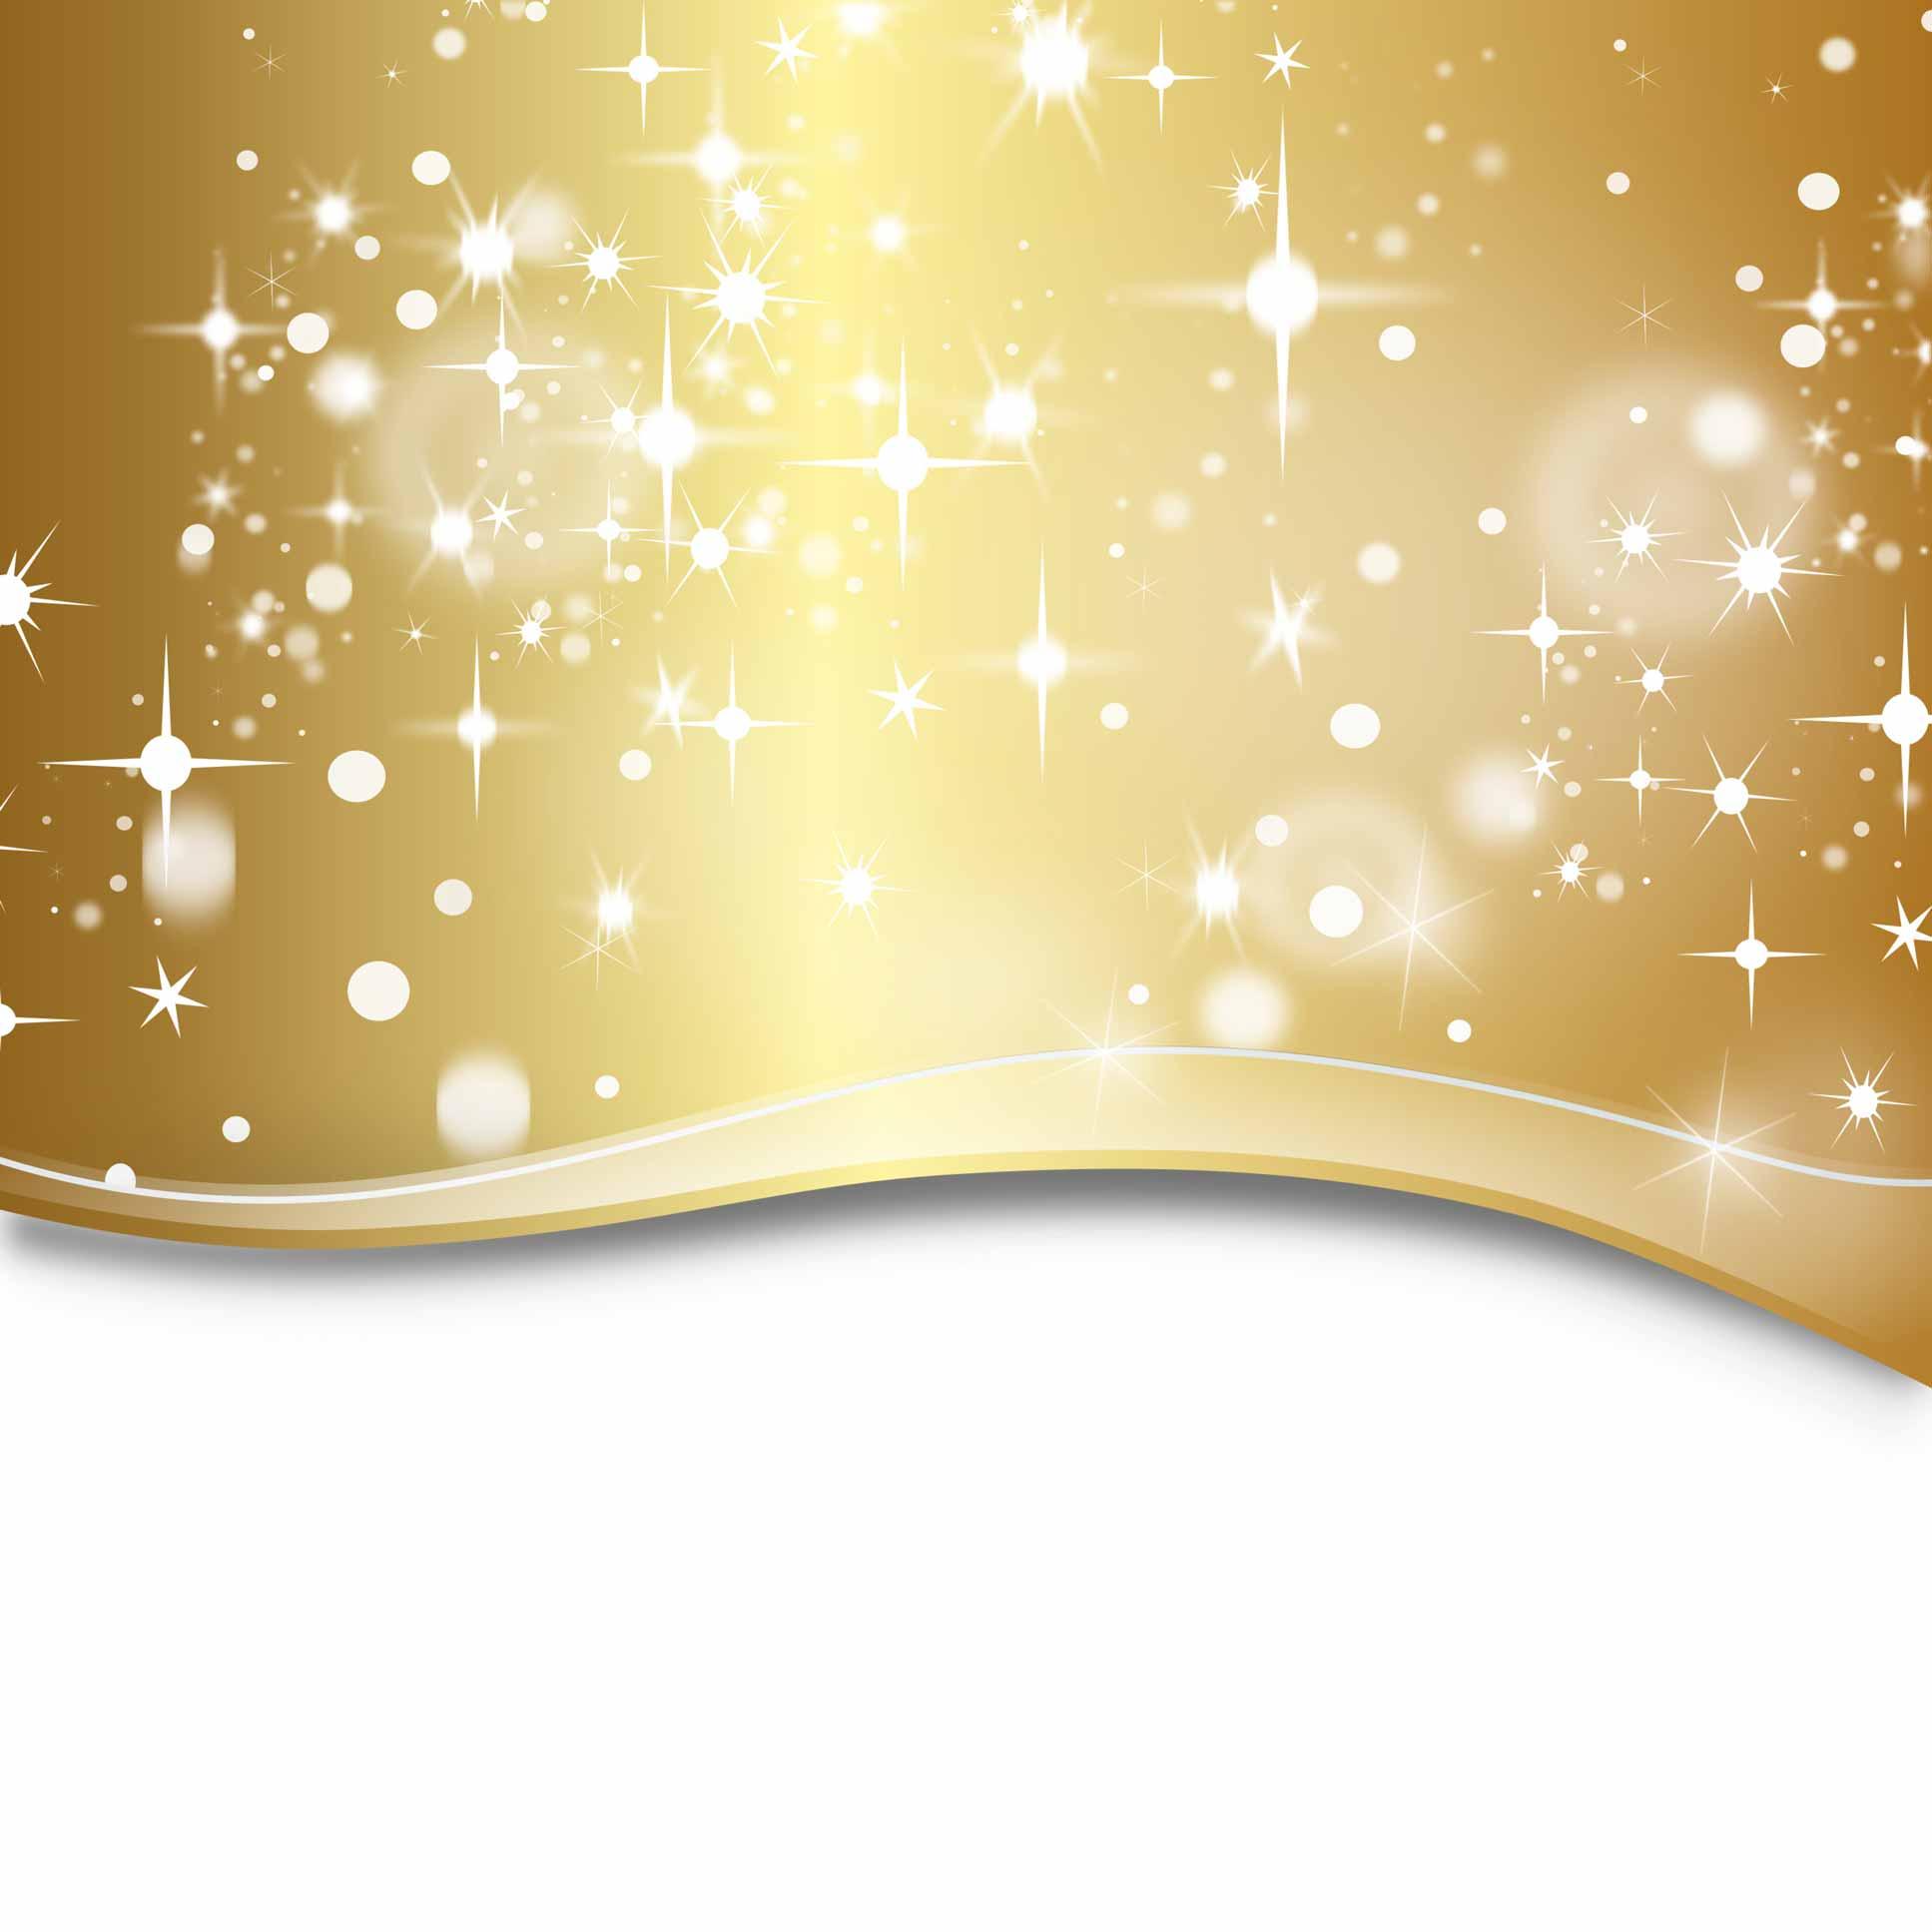 Voqeen 100 St/ück Weihnachten S/ü/ßigkeiten T/üten 150 St/ück Gold Bindestreifen Geschenk Verpackung f/ür Schokolade Bonbons Pl/ätzchen Keks Pralinen S/ü/ßigkeiten Geb/äckbeutel Weihnachtsbeutel